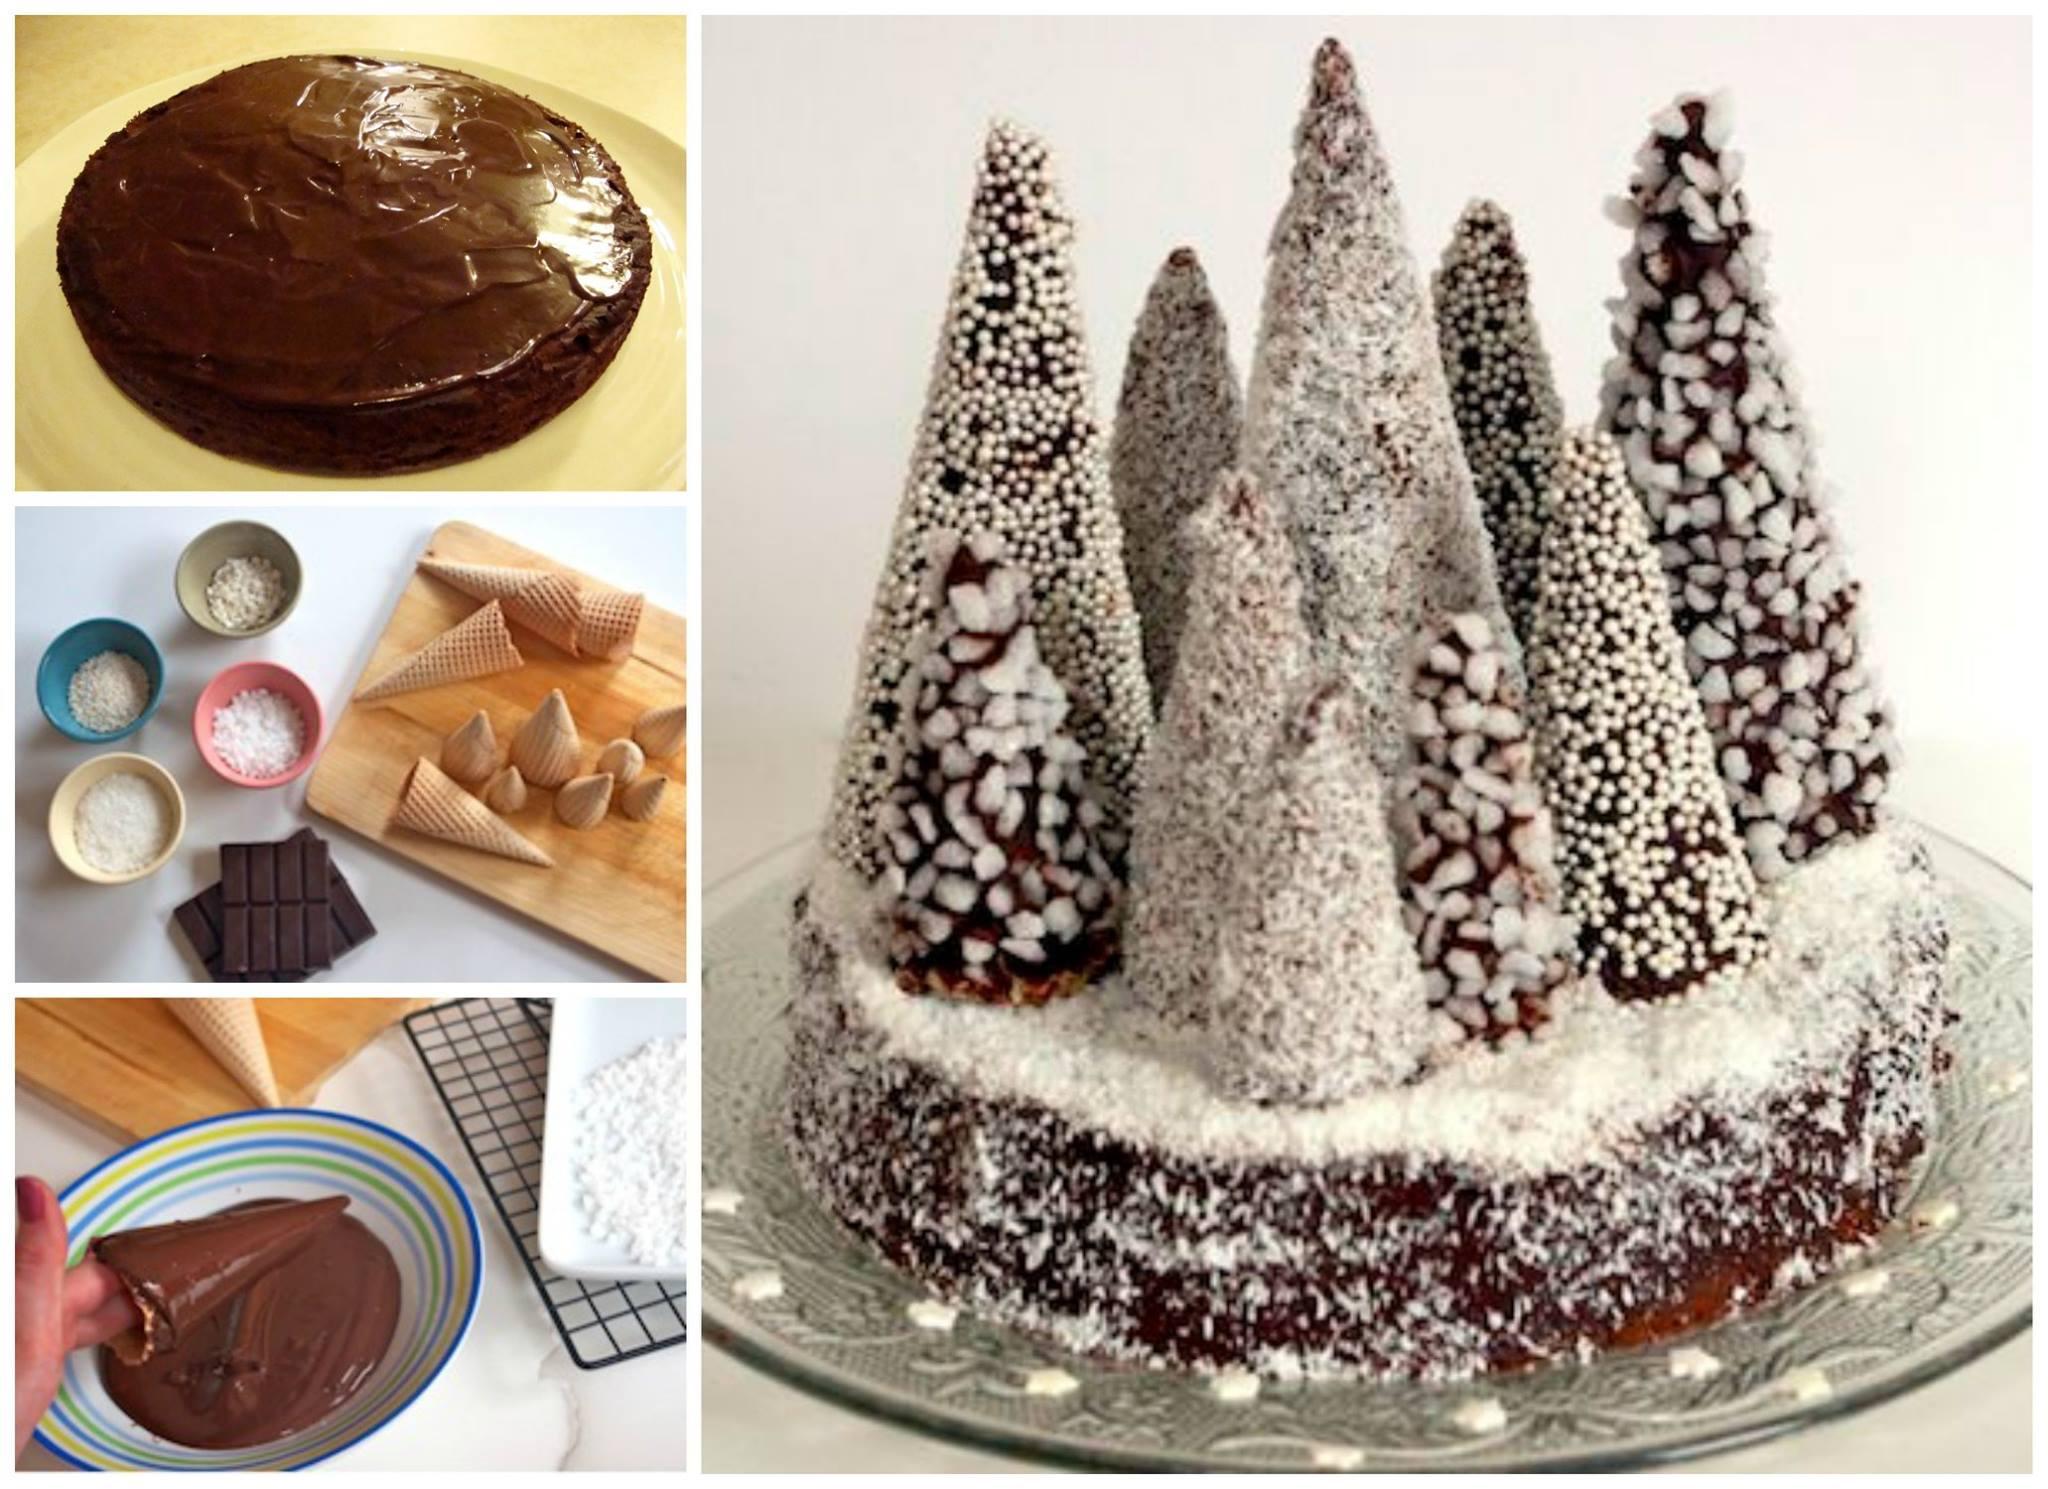 Come fare torta natalizia al cioccolato spettegolando - Decorazioni torte natalizie ...